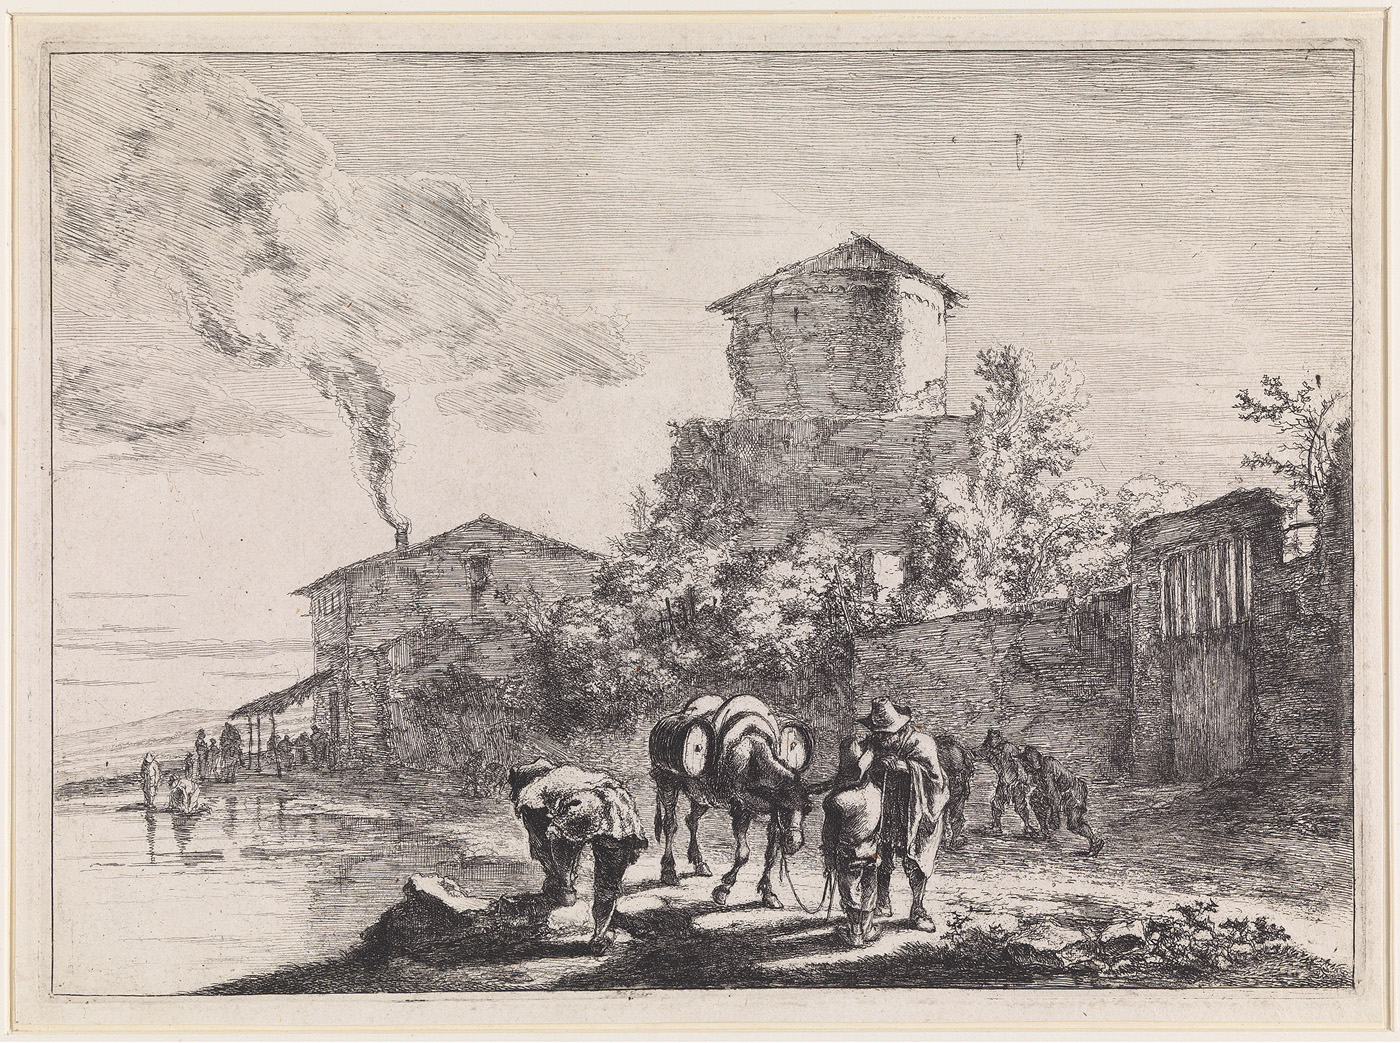 Landschap, waarin huis met rokende schoorsteen